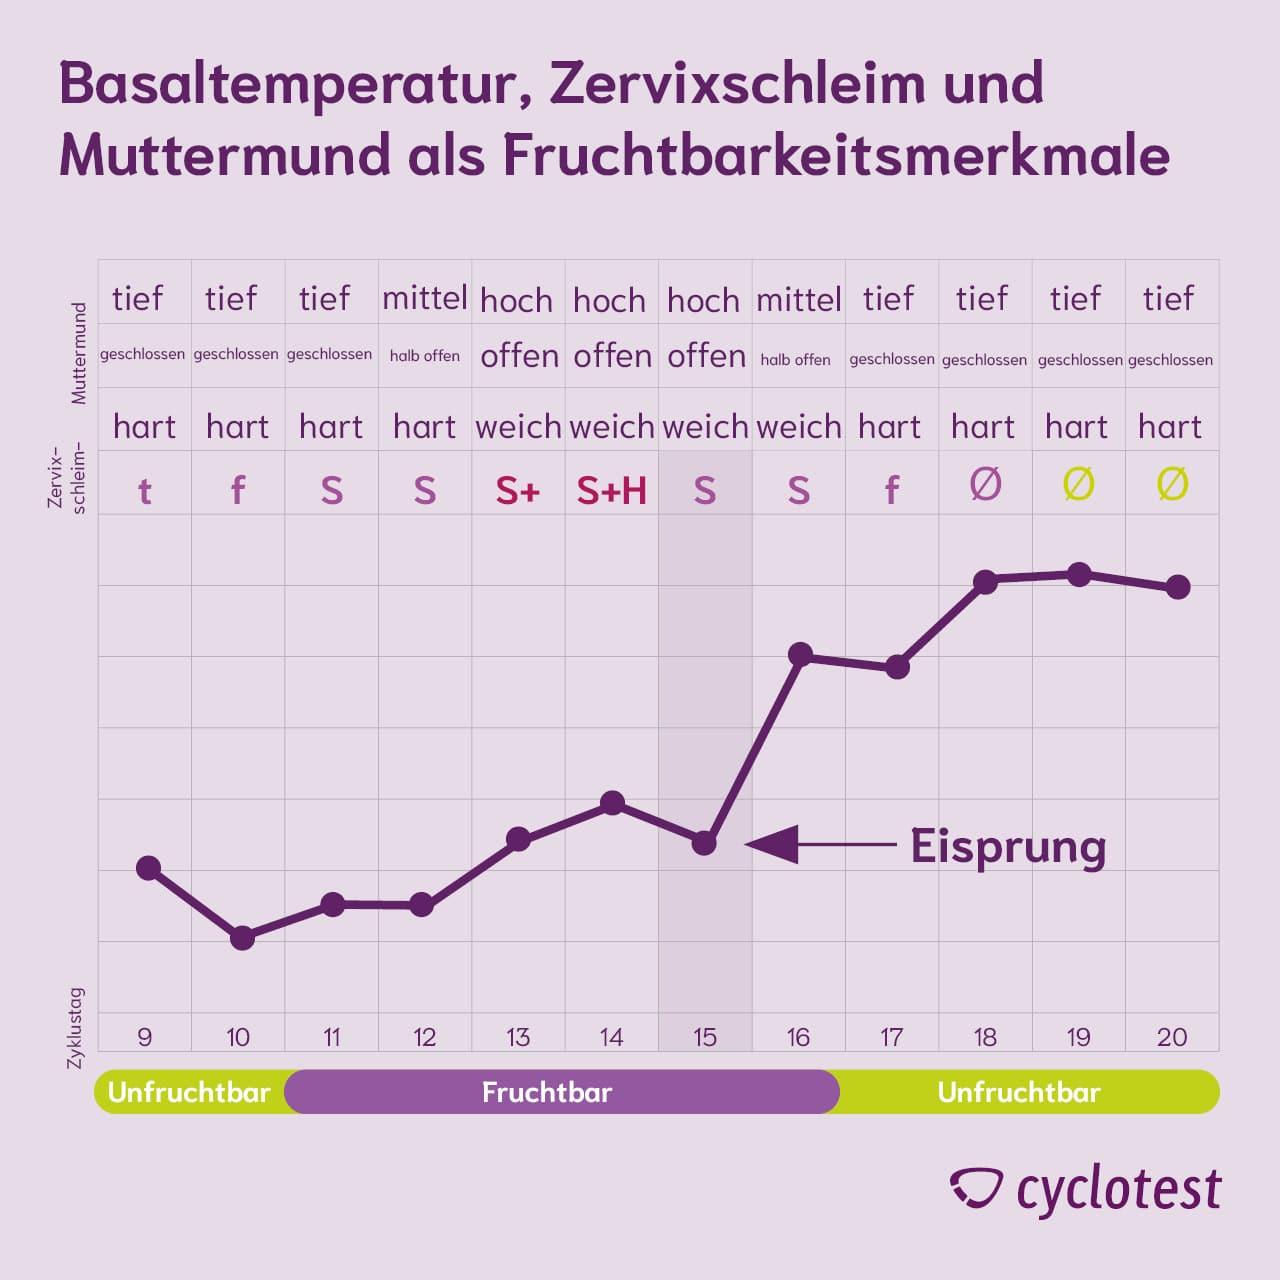 Diagramm zu Basaltemperatur, Zervixschleim und Muttermund als Fruchtbarkeitsmerkmale